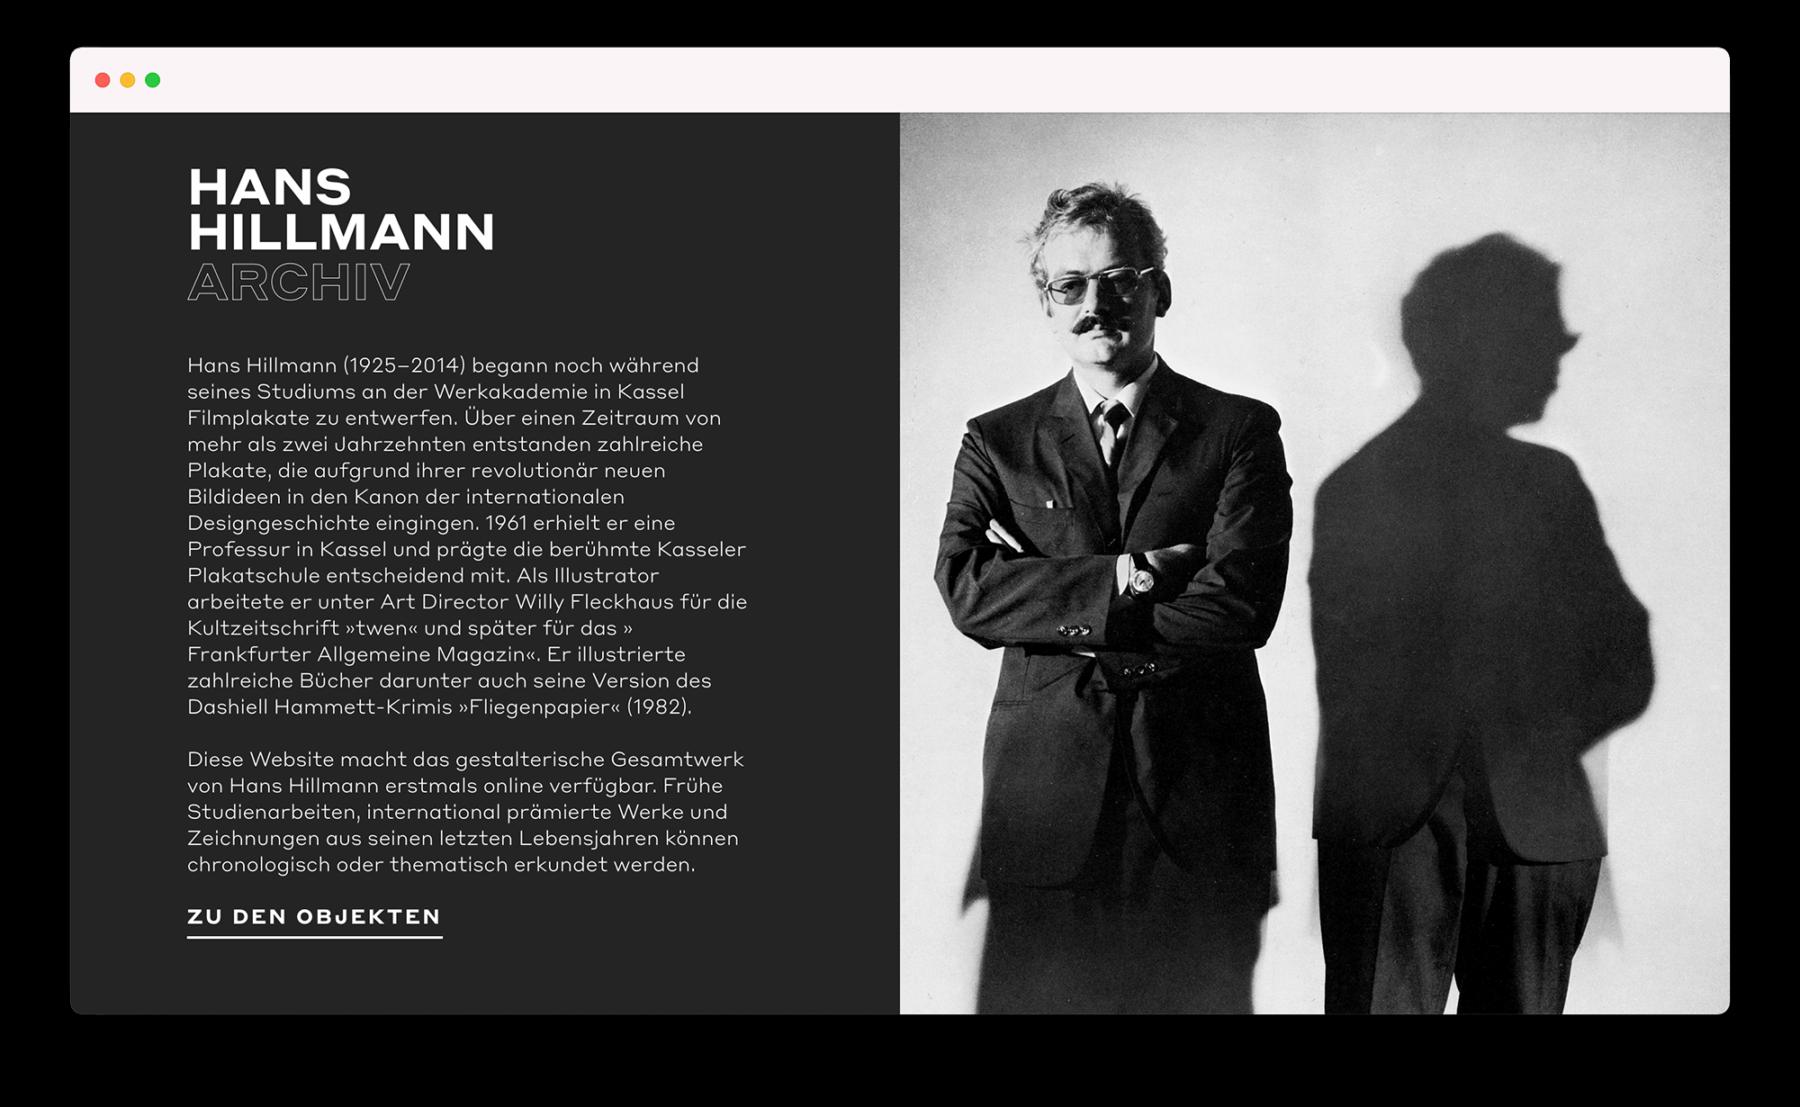 hans hillman archive 1